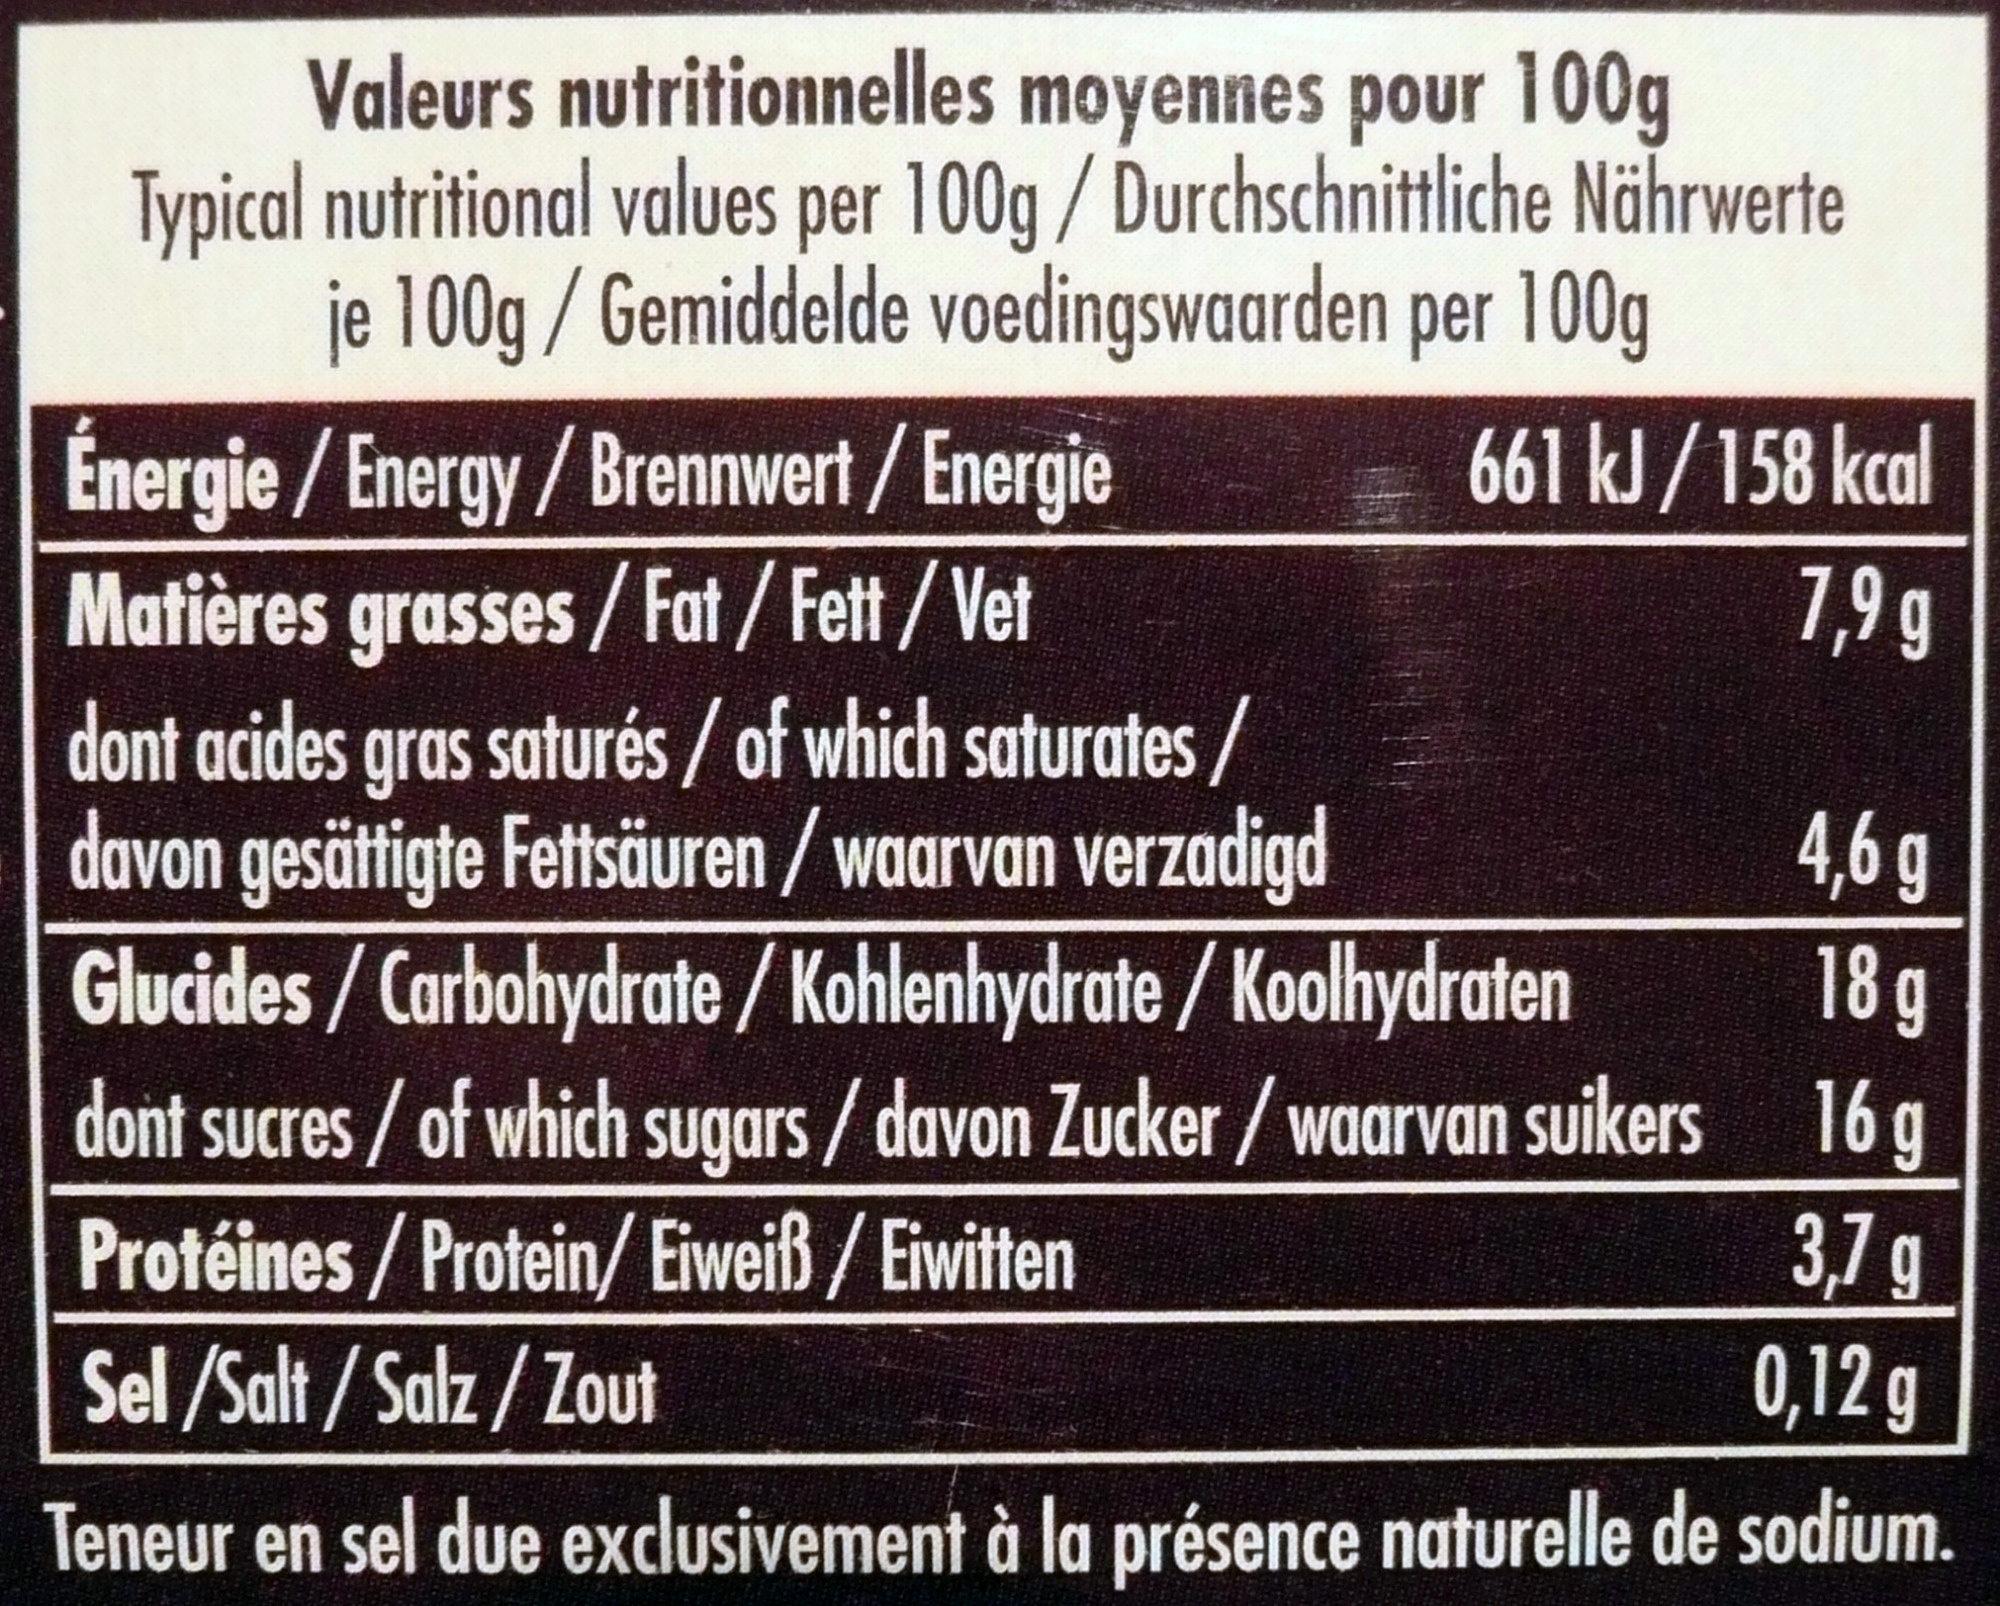 La crème aux oeufs - Informations nutritionnelles